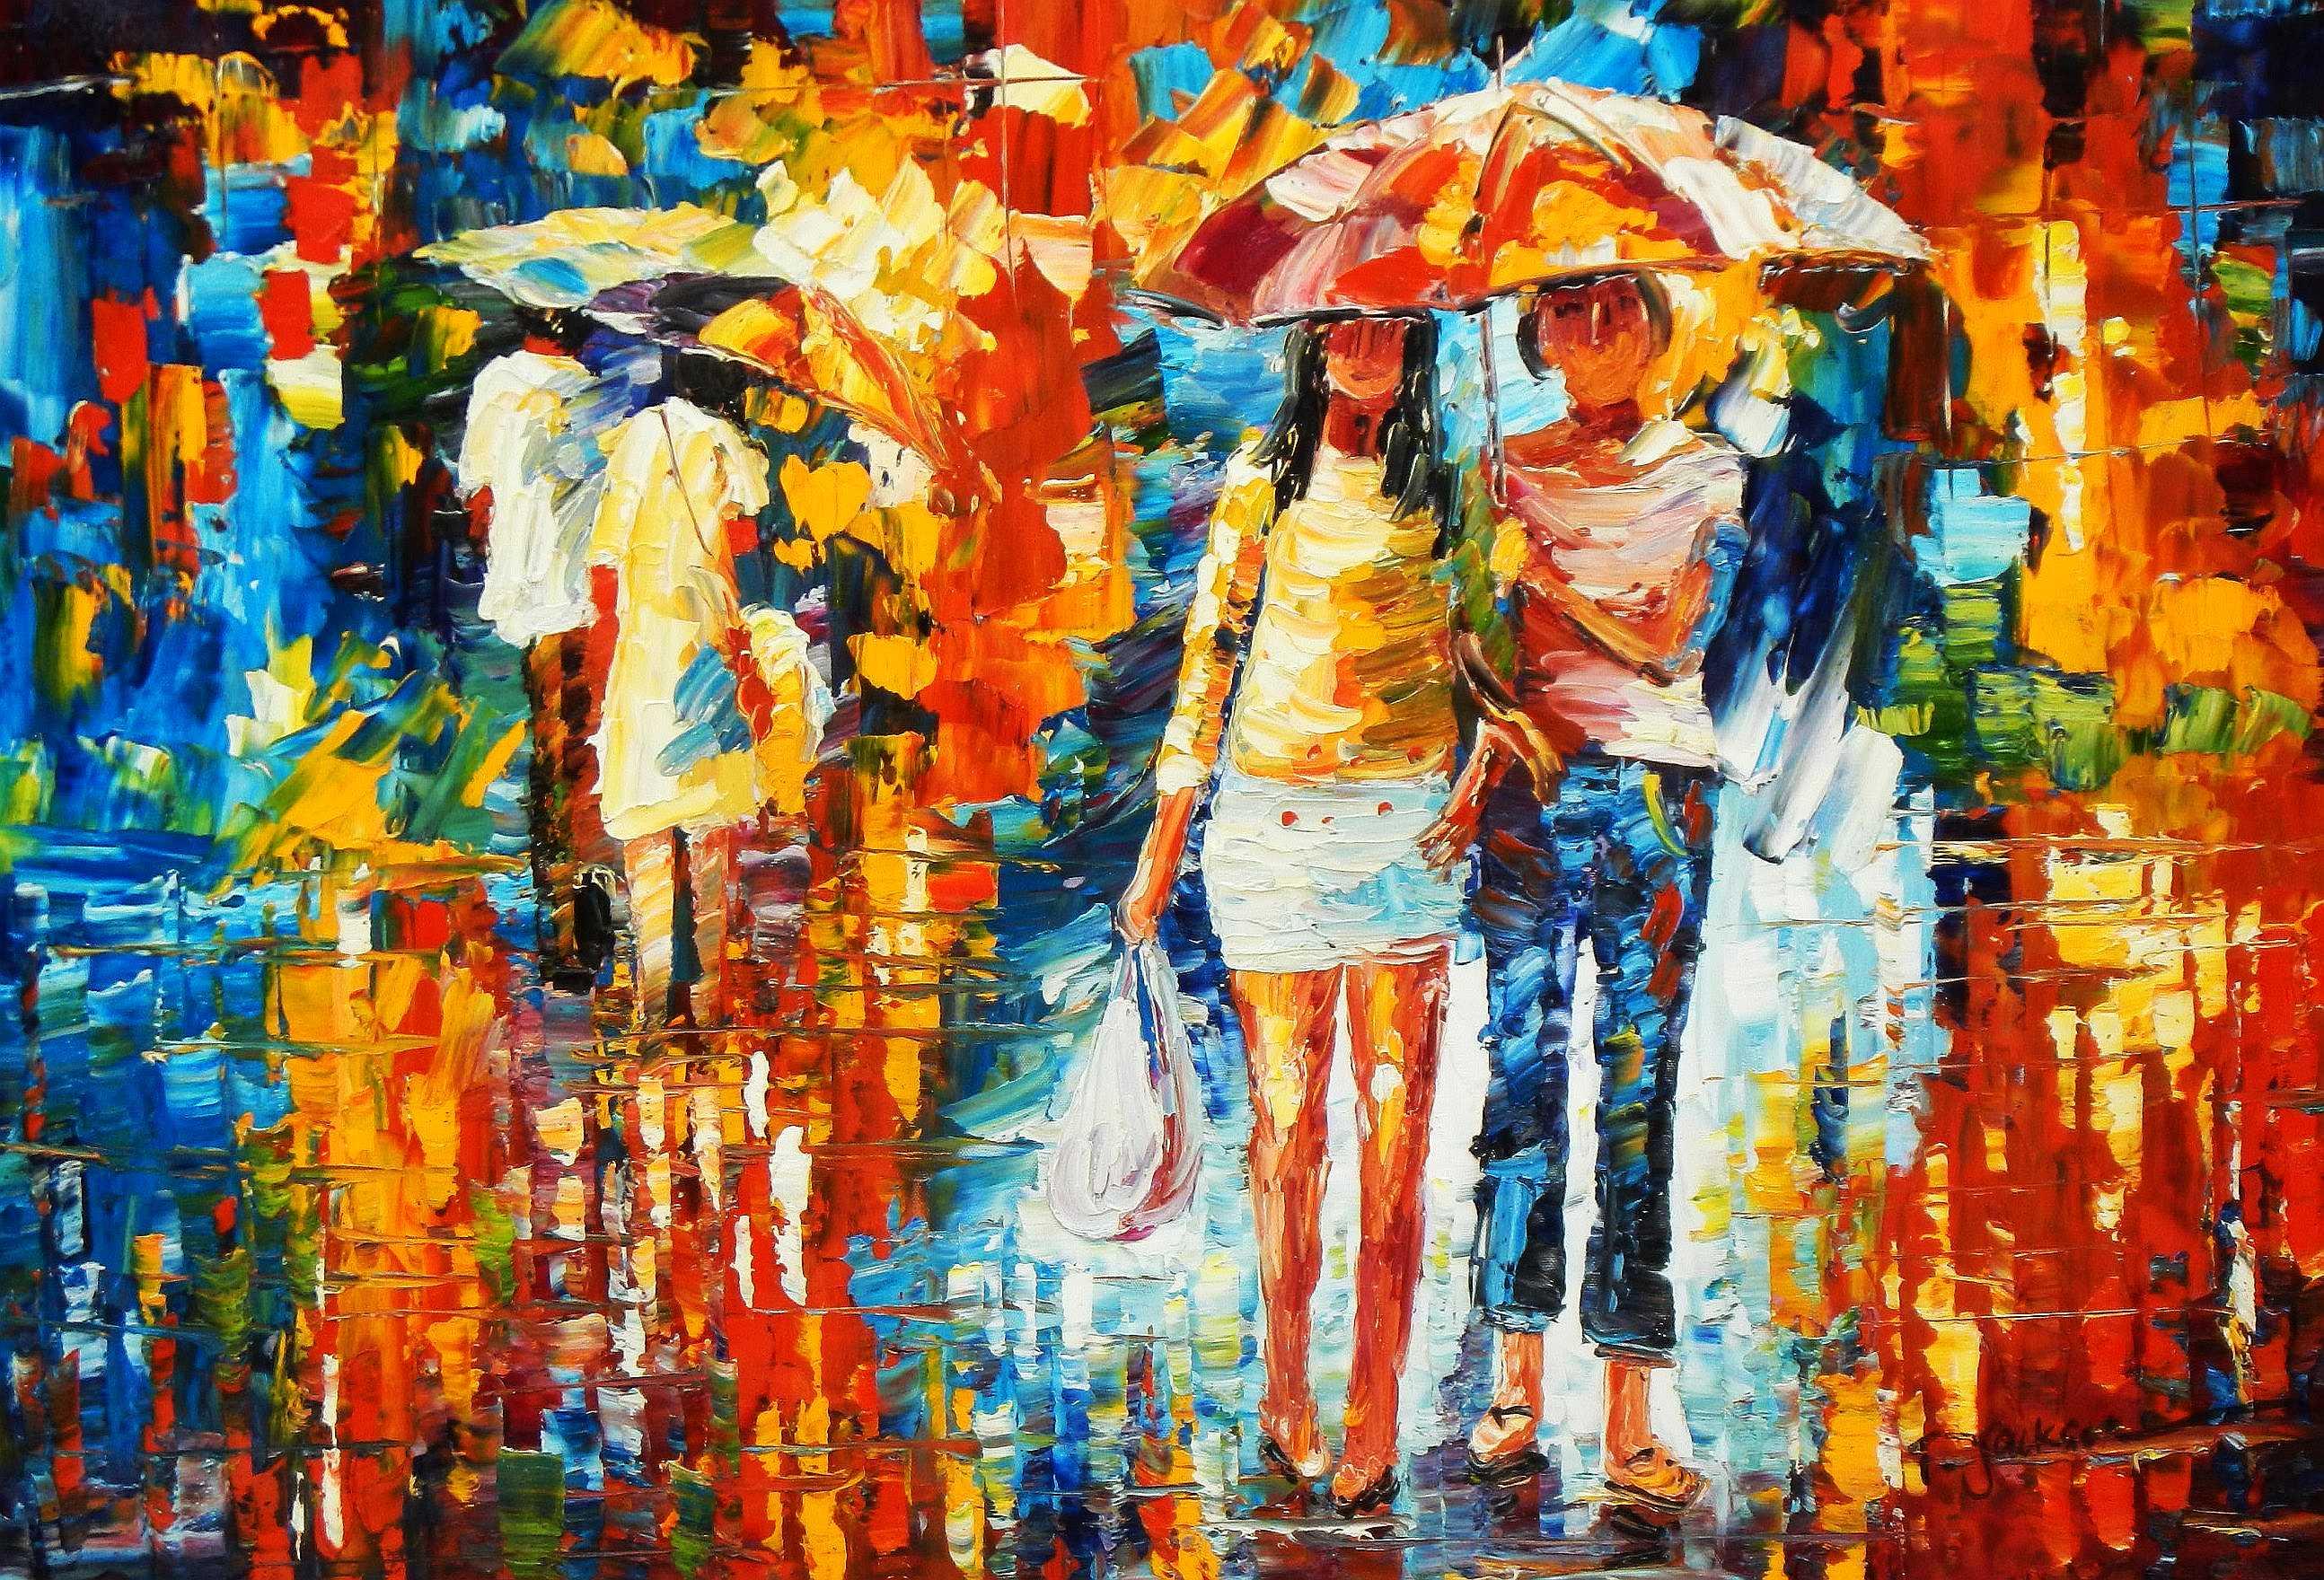 Modern Art - Umbrella walk d95172 60x90cm modernes Ölgemälde